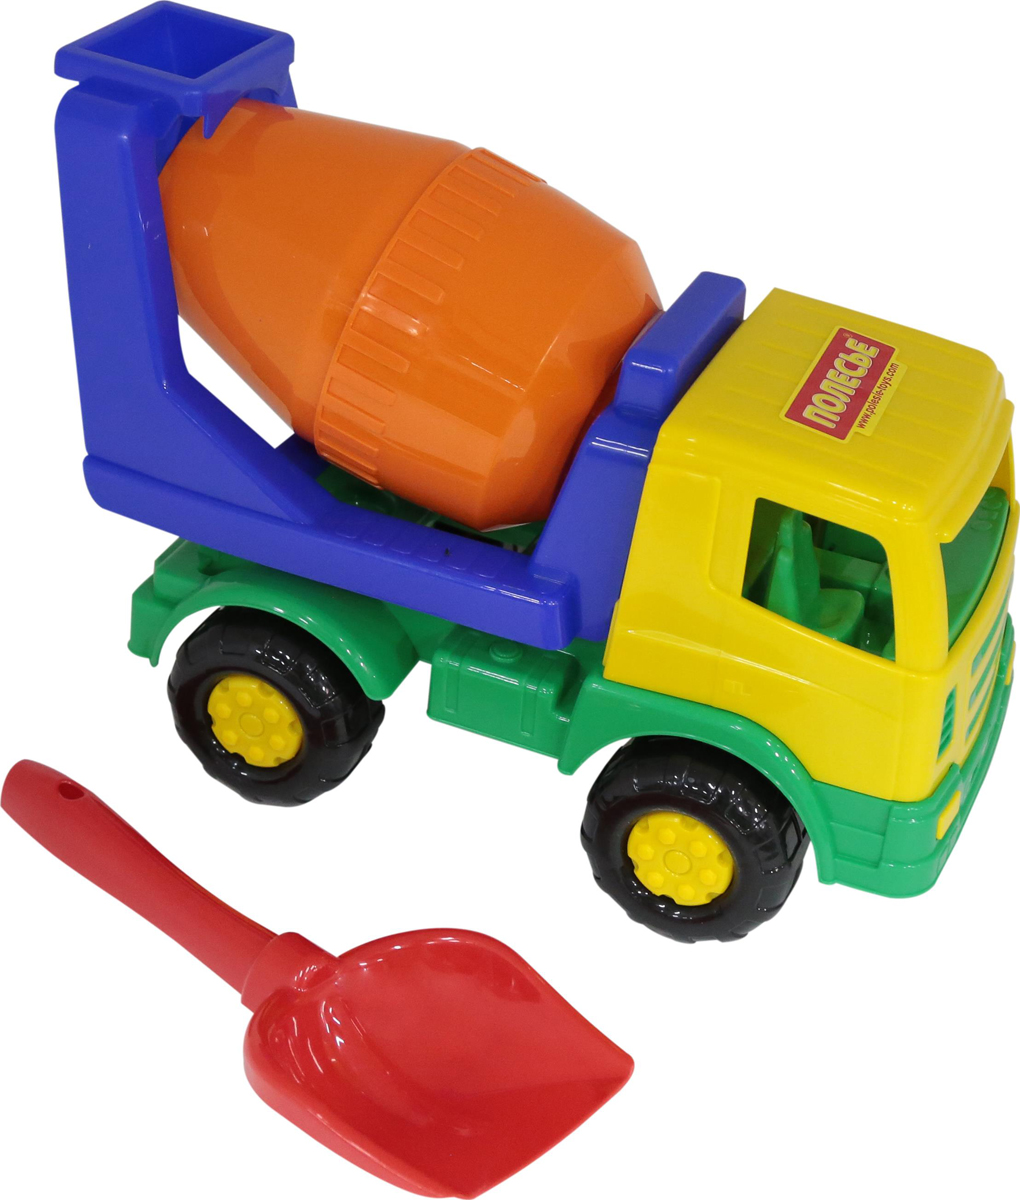 Полесье Набор игрушек для песочницы №187 Мираж полесье набор игрушек для песочницы 73